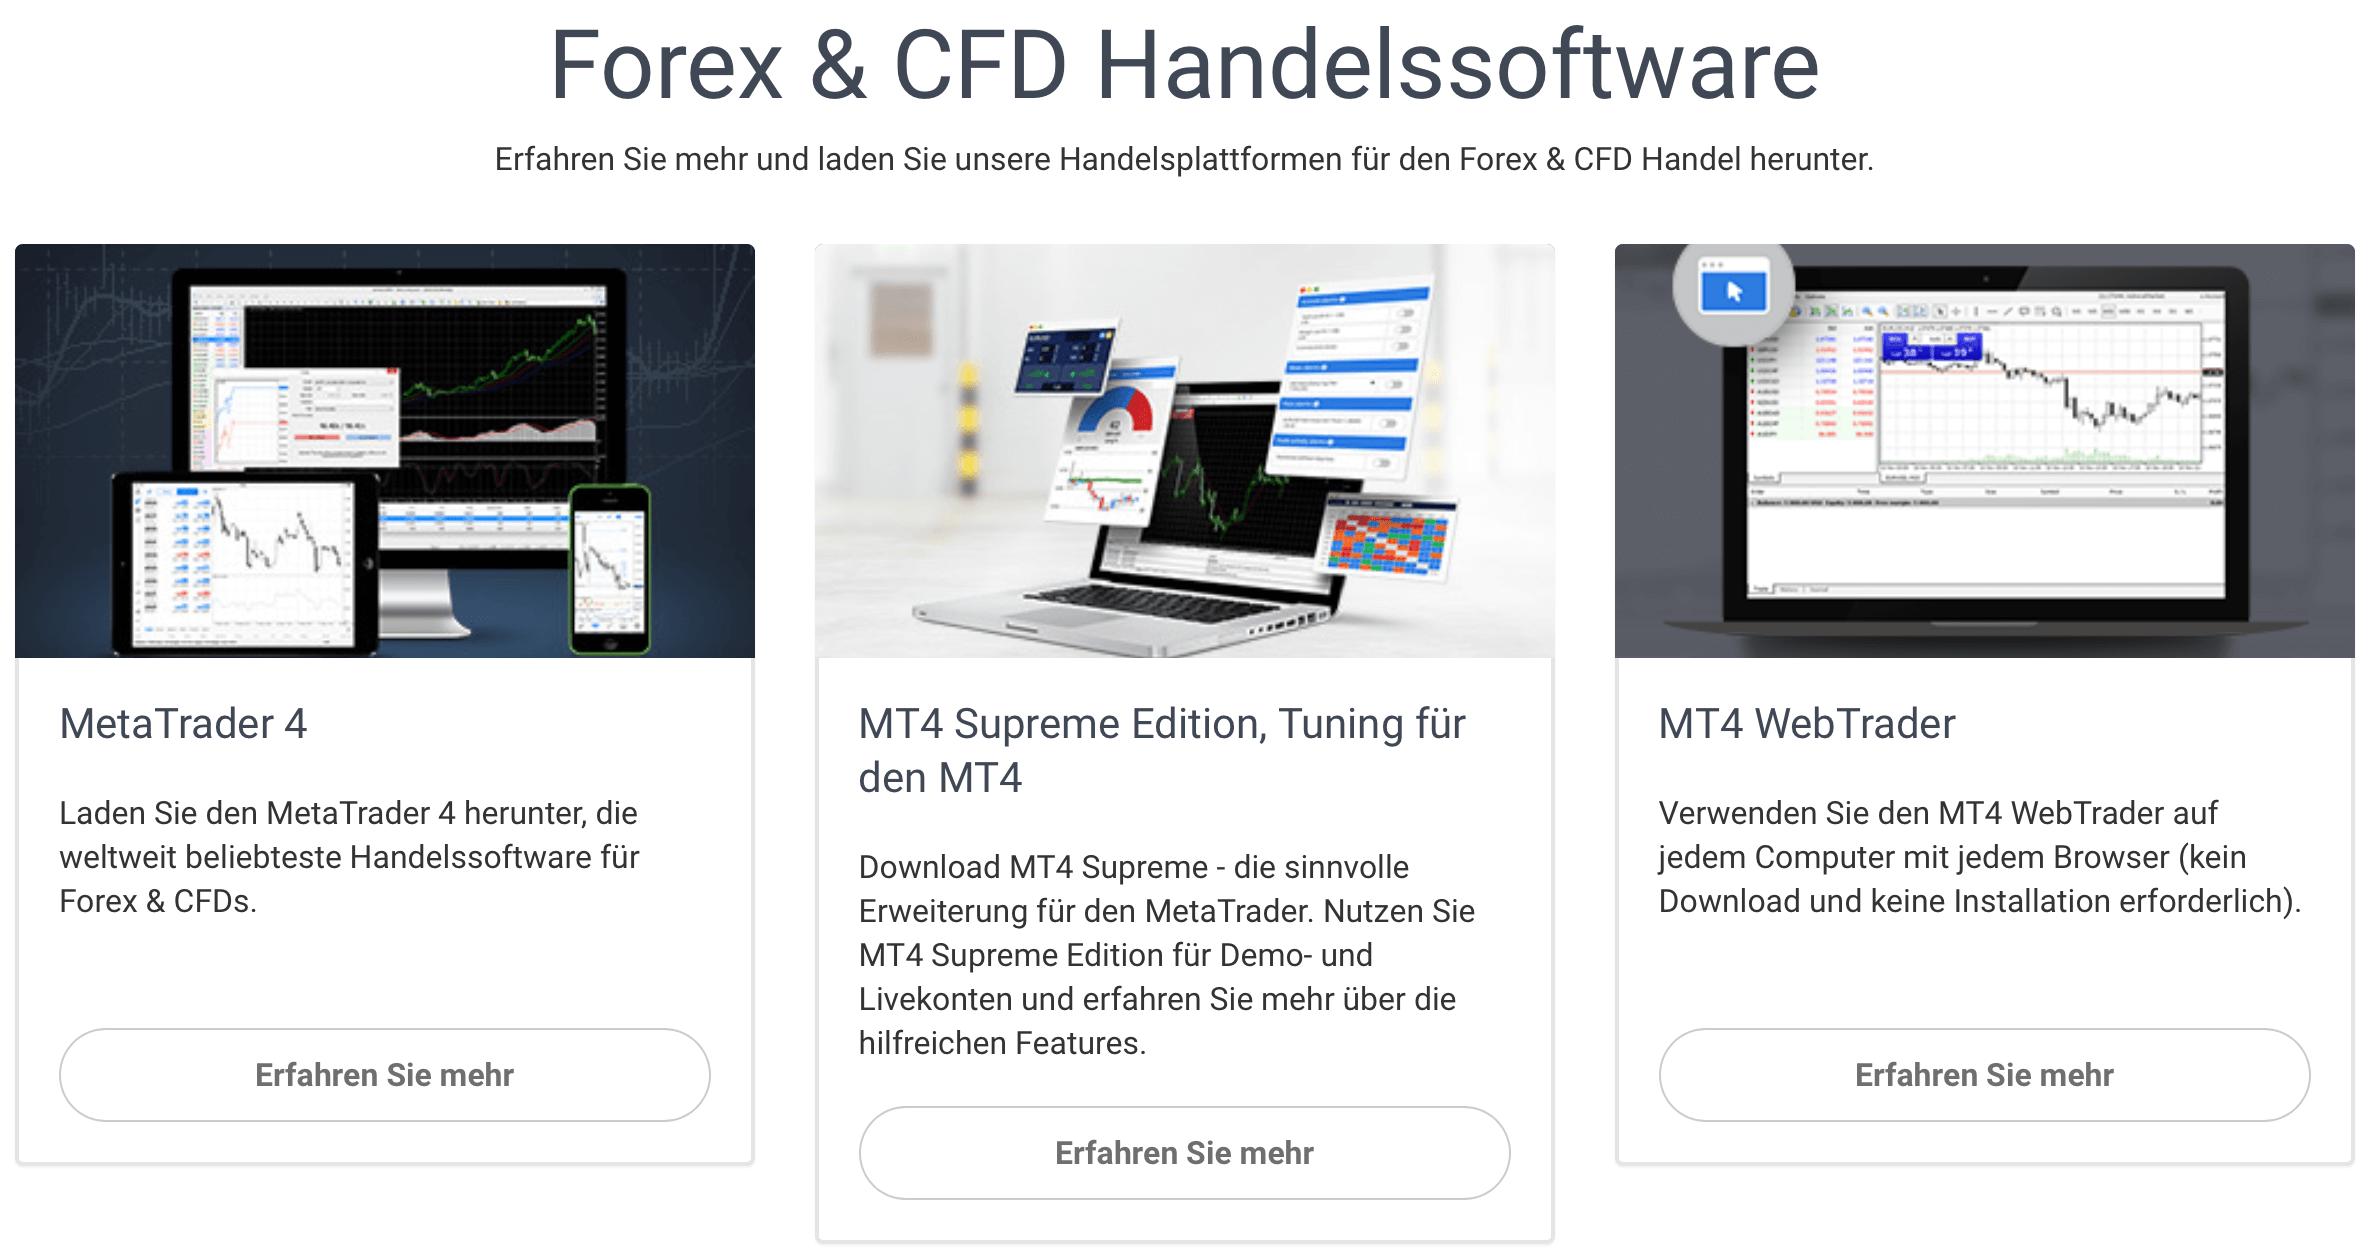 Eine Auswahl der bei Admiral Markets verfügbaren Handelssoftwares